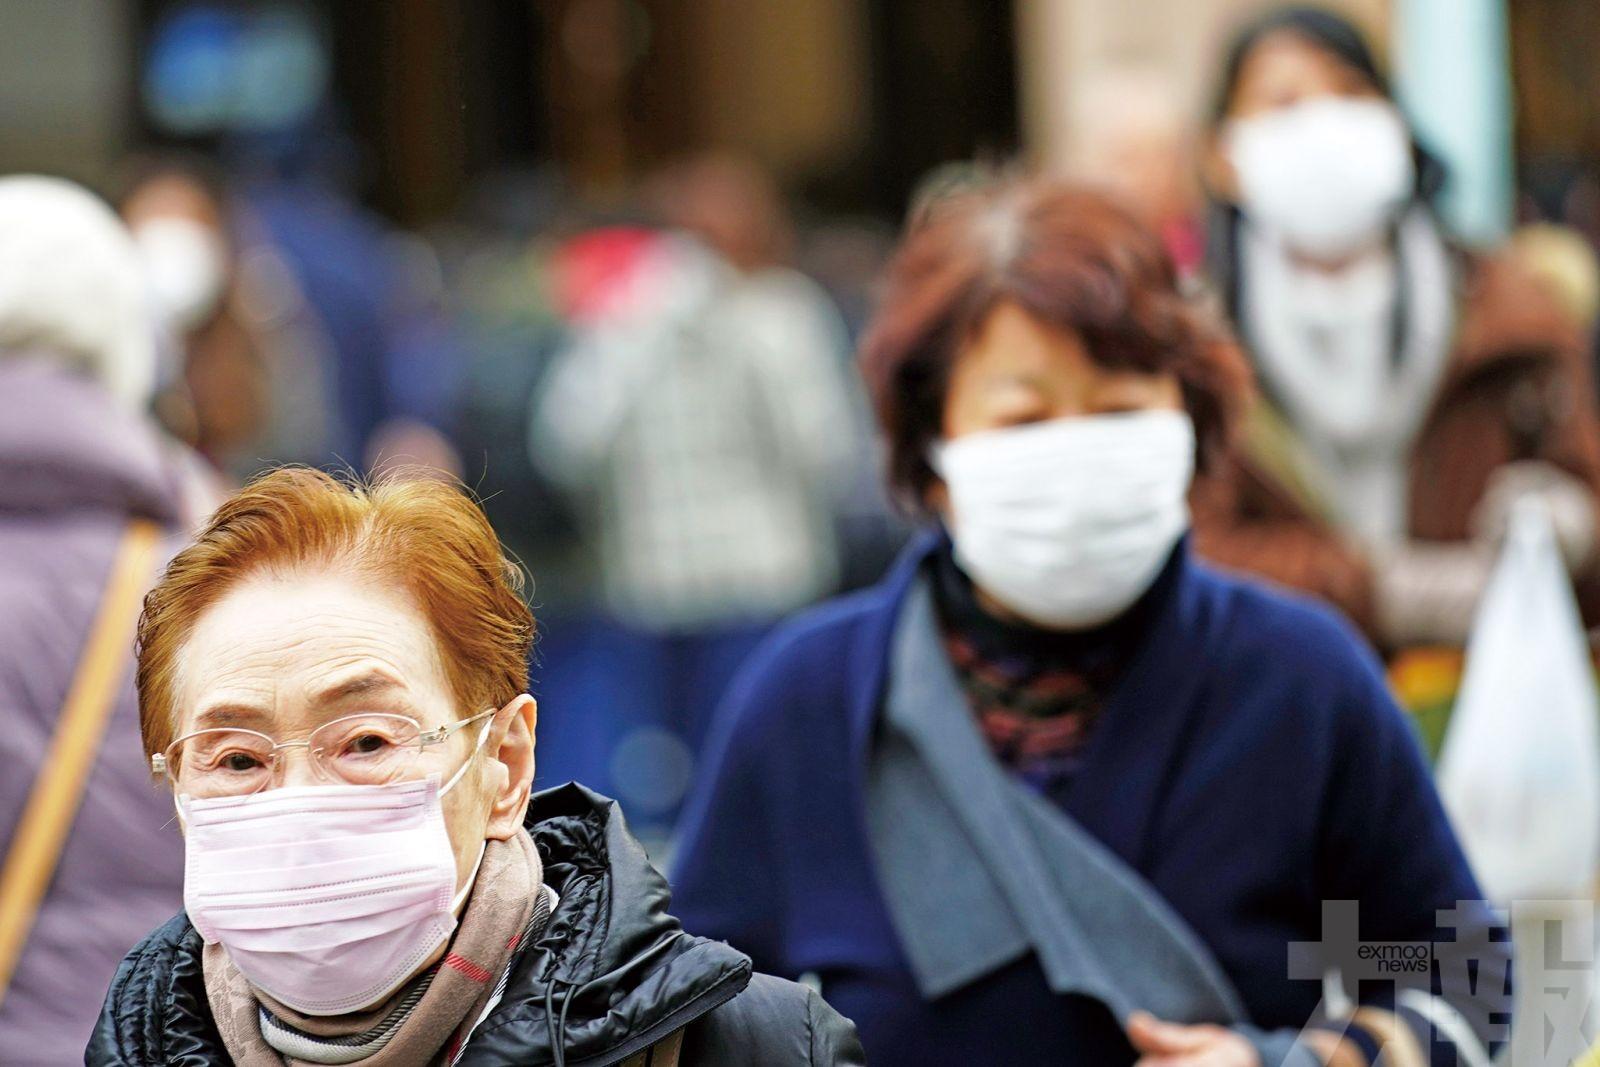 武漢肺炎確診暴增至218例 習李作出重要指示